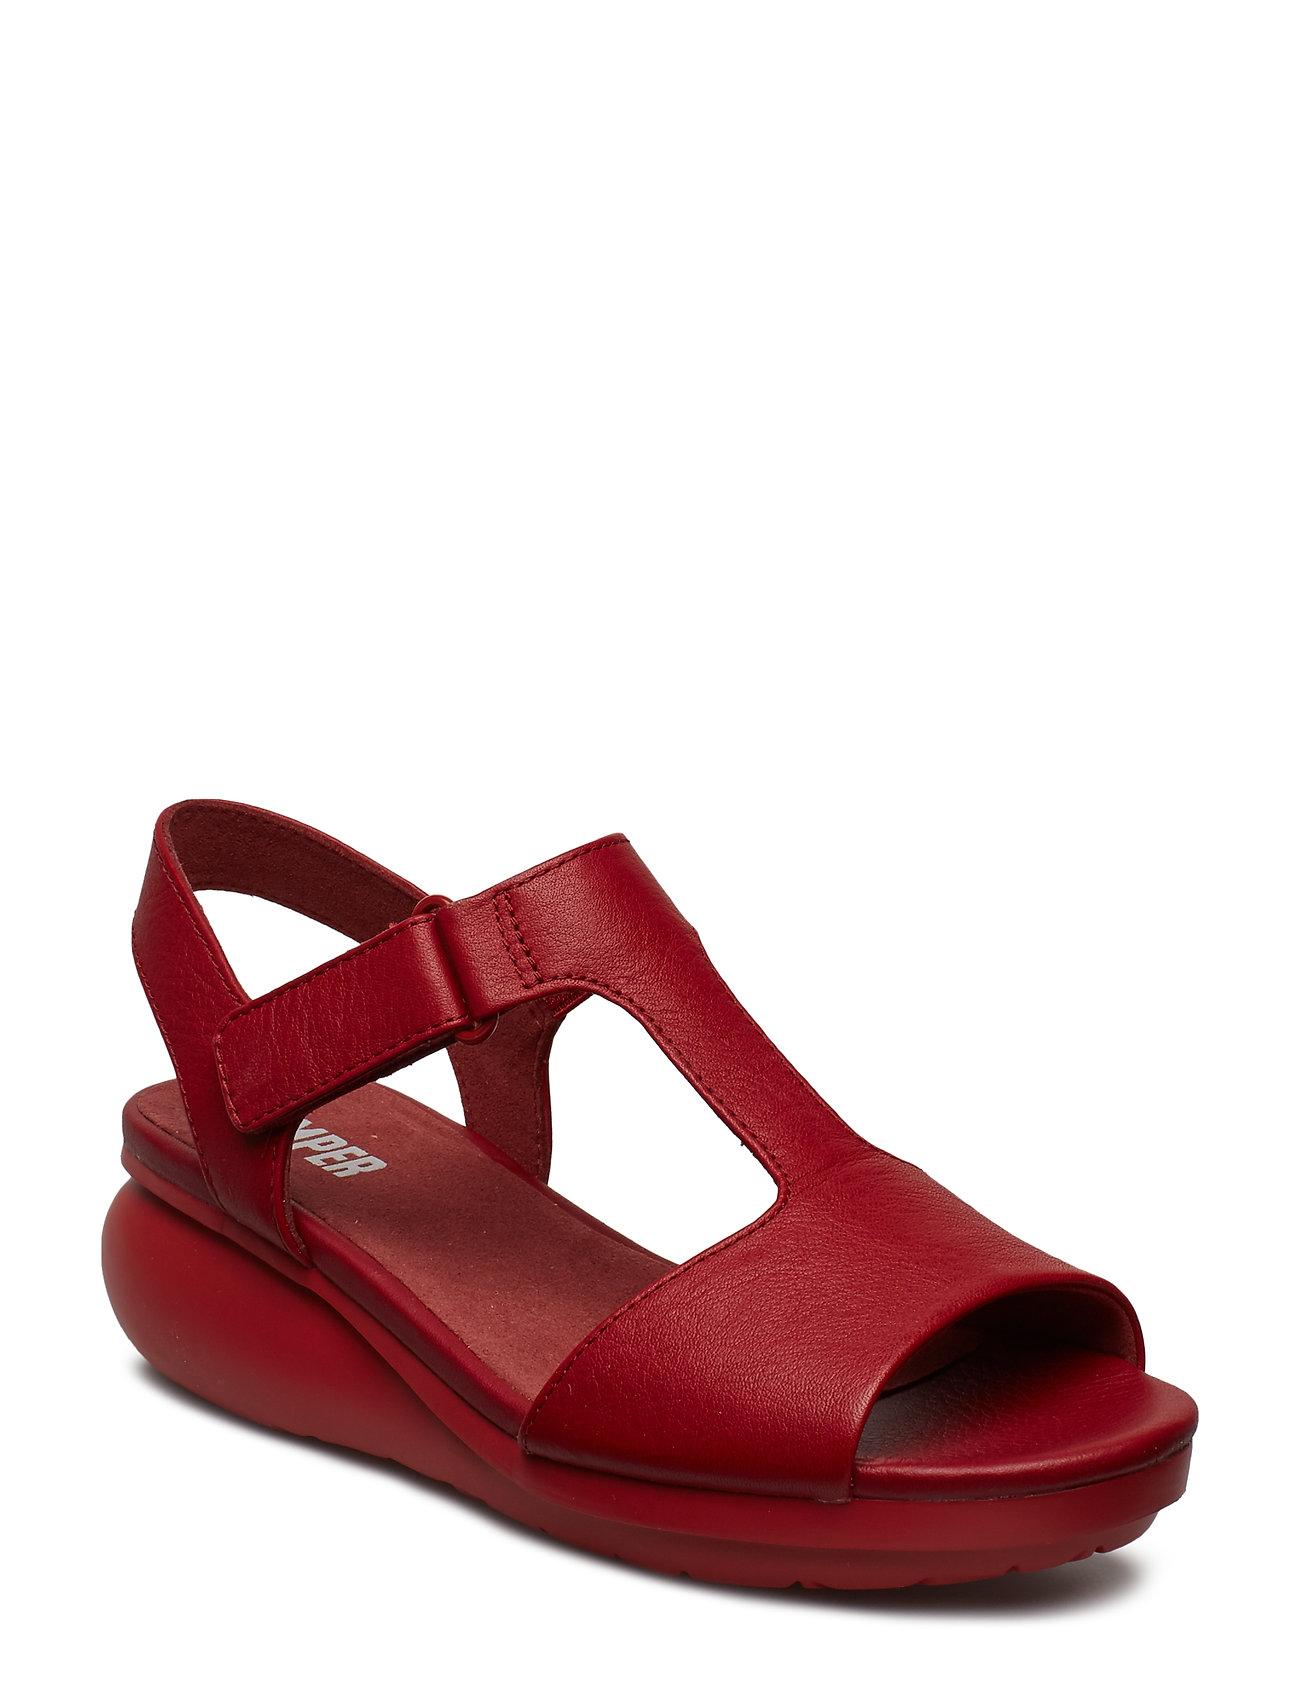 bbd228e0c972 Køb sko online til meget lav pris!